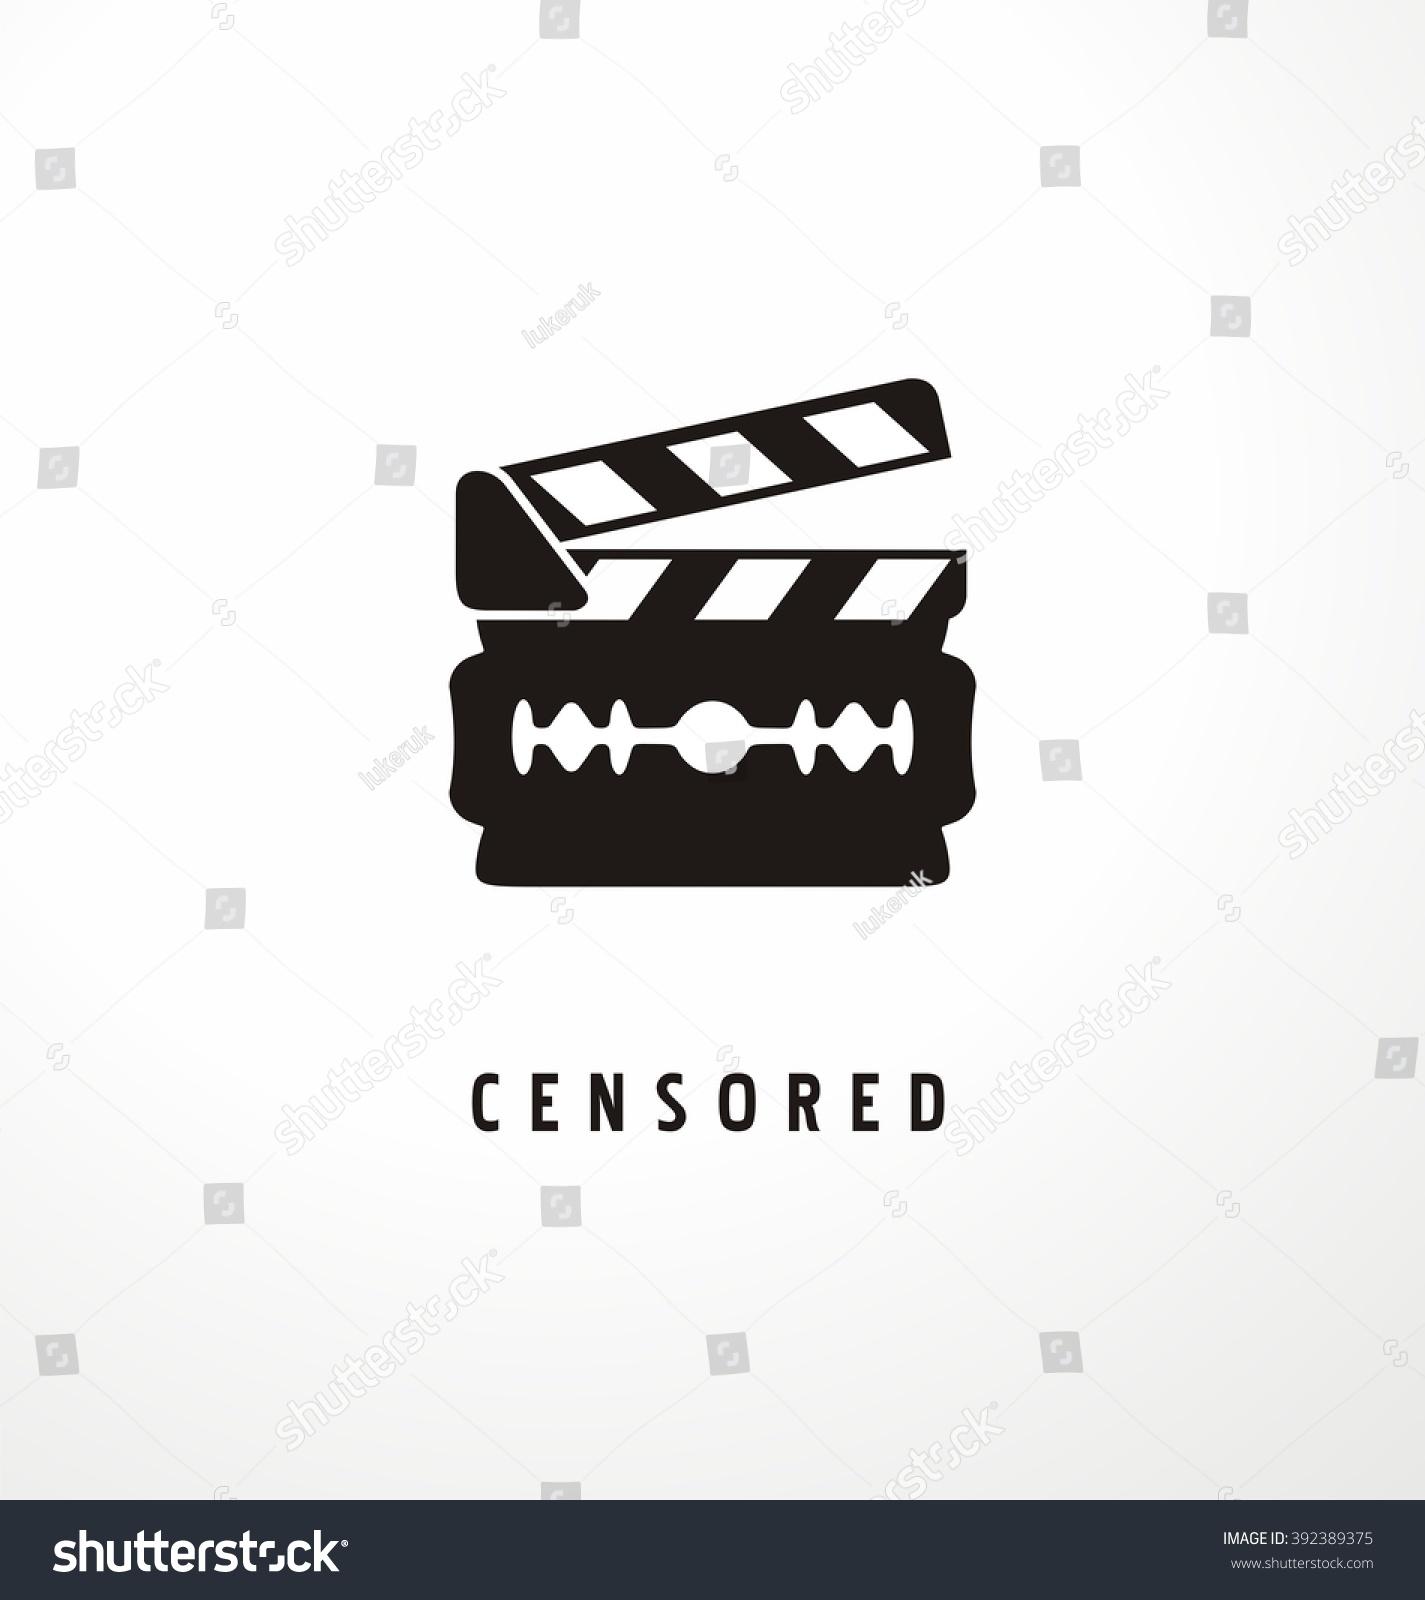 Creative symbol concept movie censure razor stock vector 392389375 creative symbol concept for movie censure razor shape with clapper board logo design idea biocorpaavc